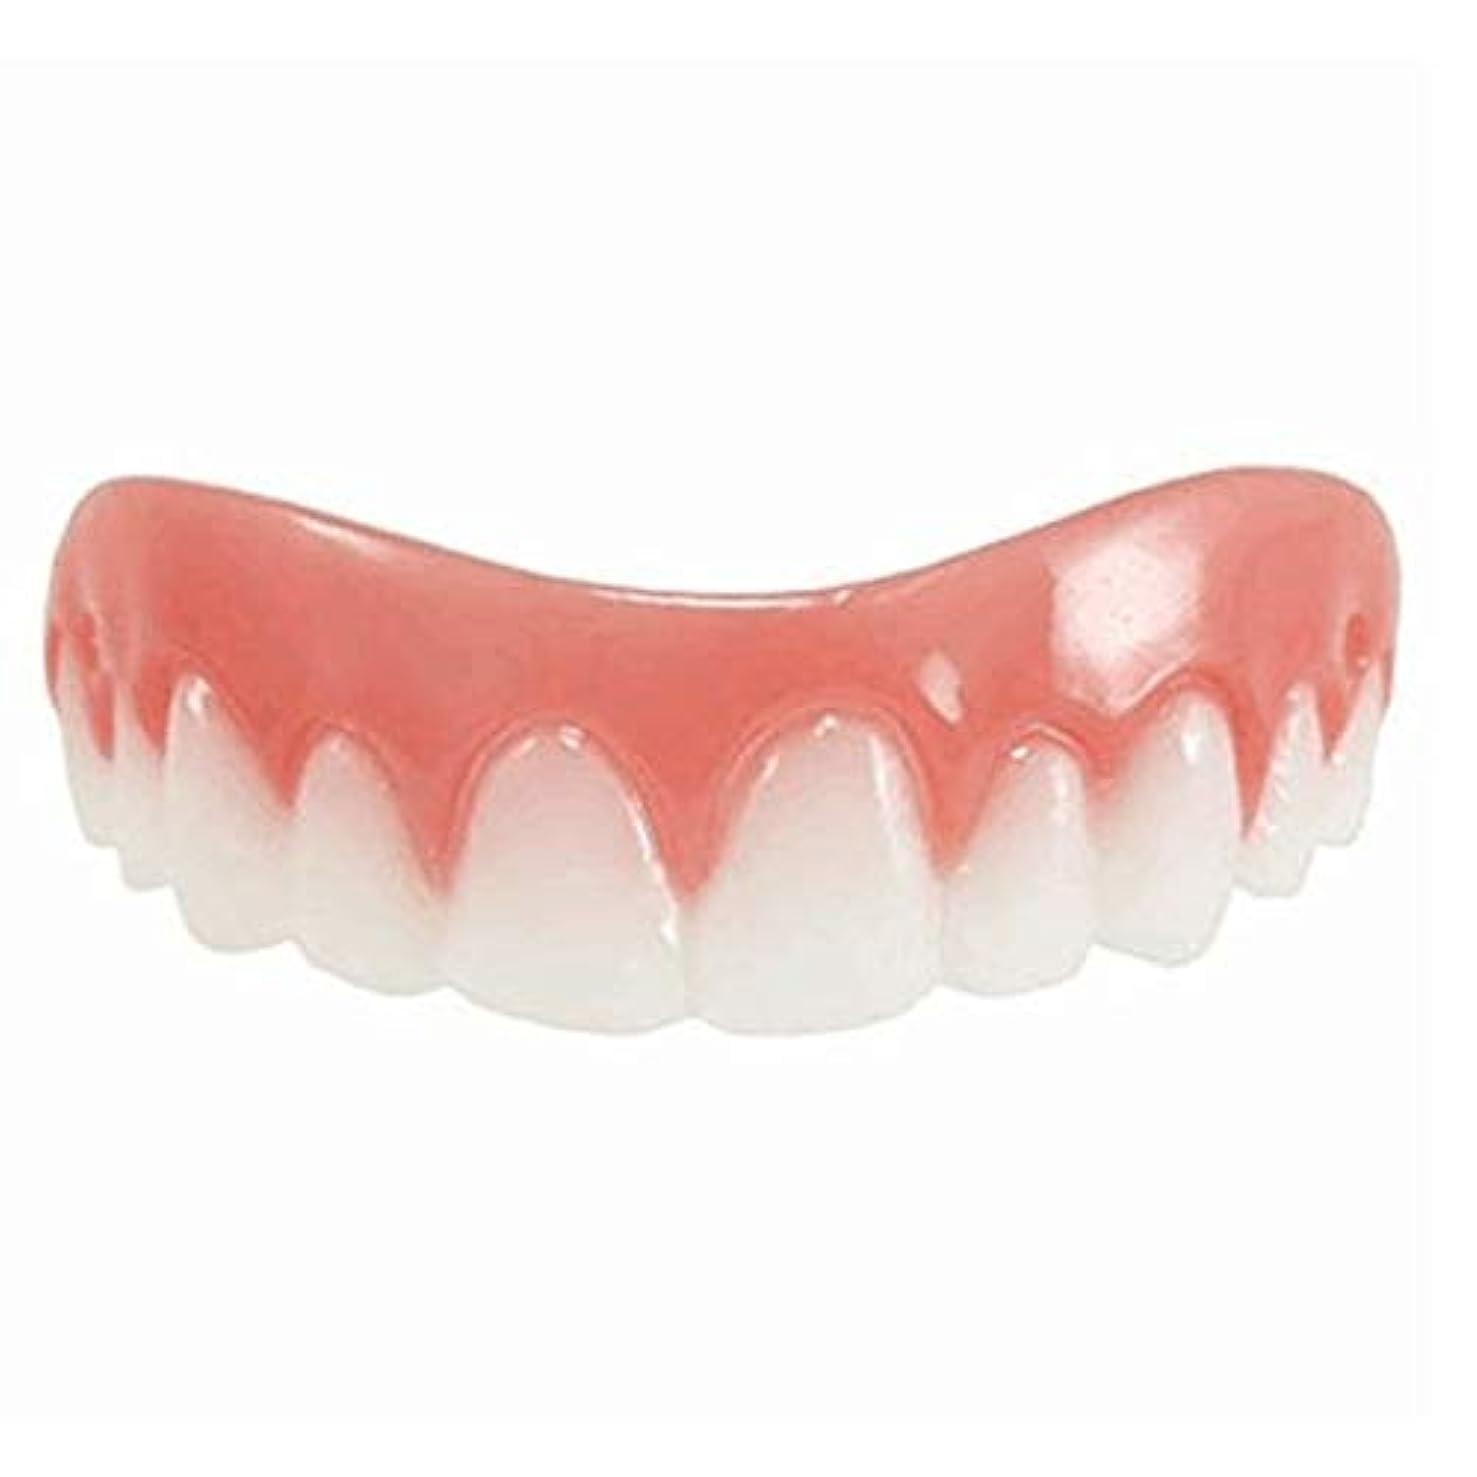 グローロータリー品揃えシリコンシミュレーション義歯、歯科用ベニヤホワイトトゥースセット(1個),A